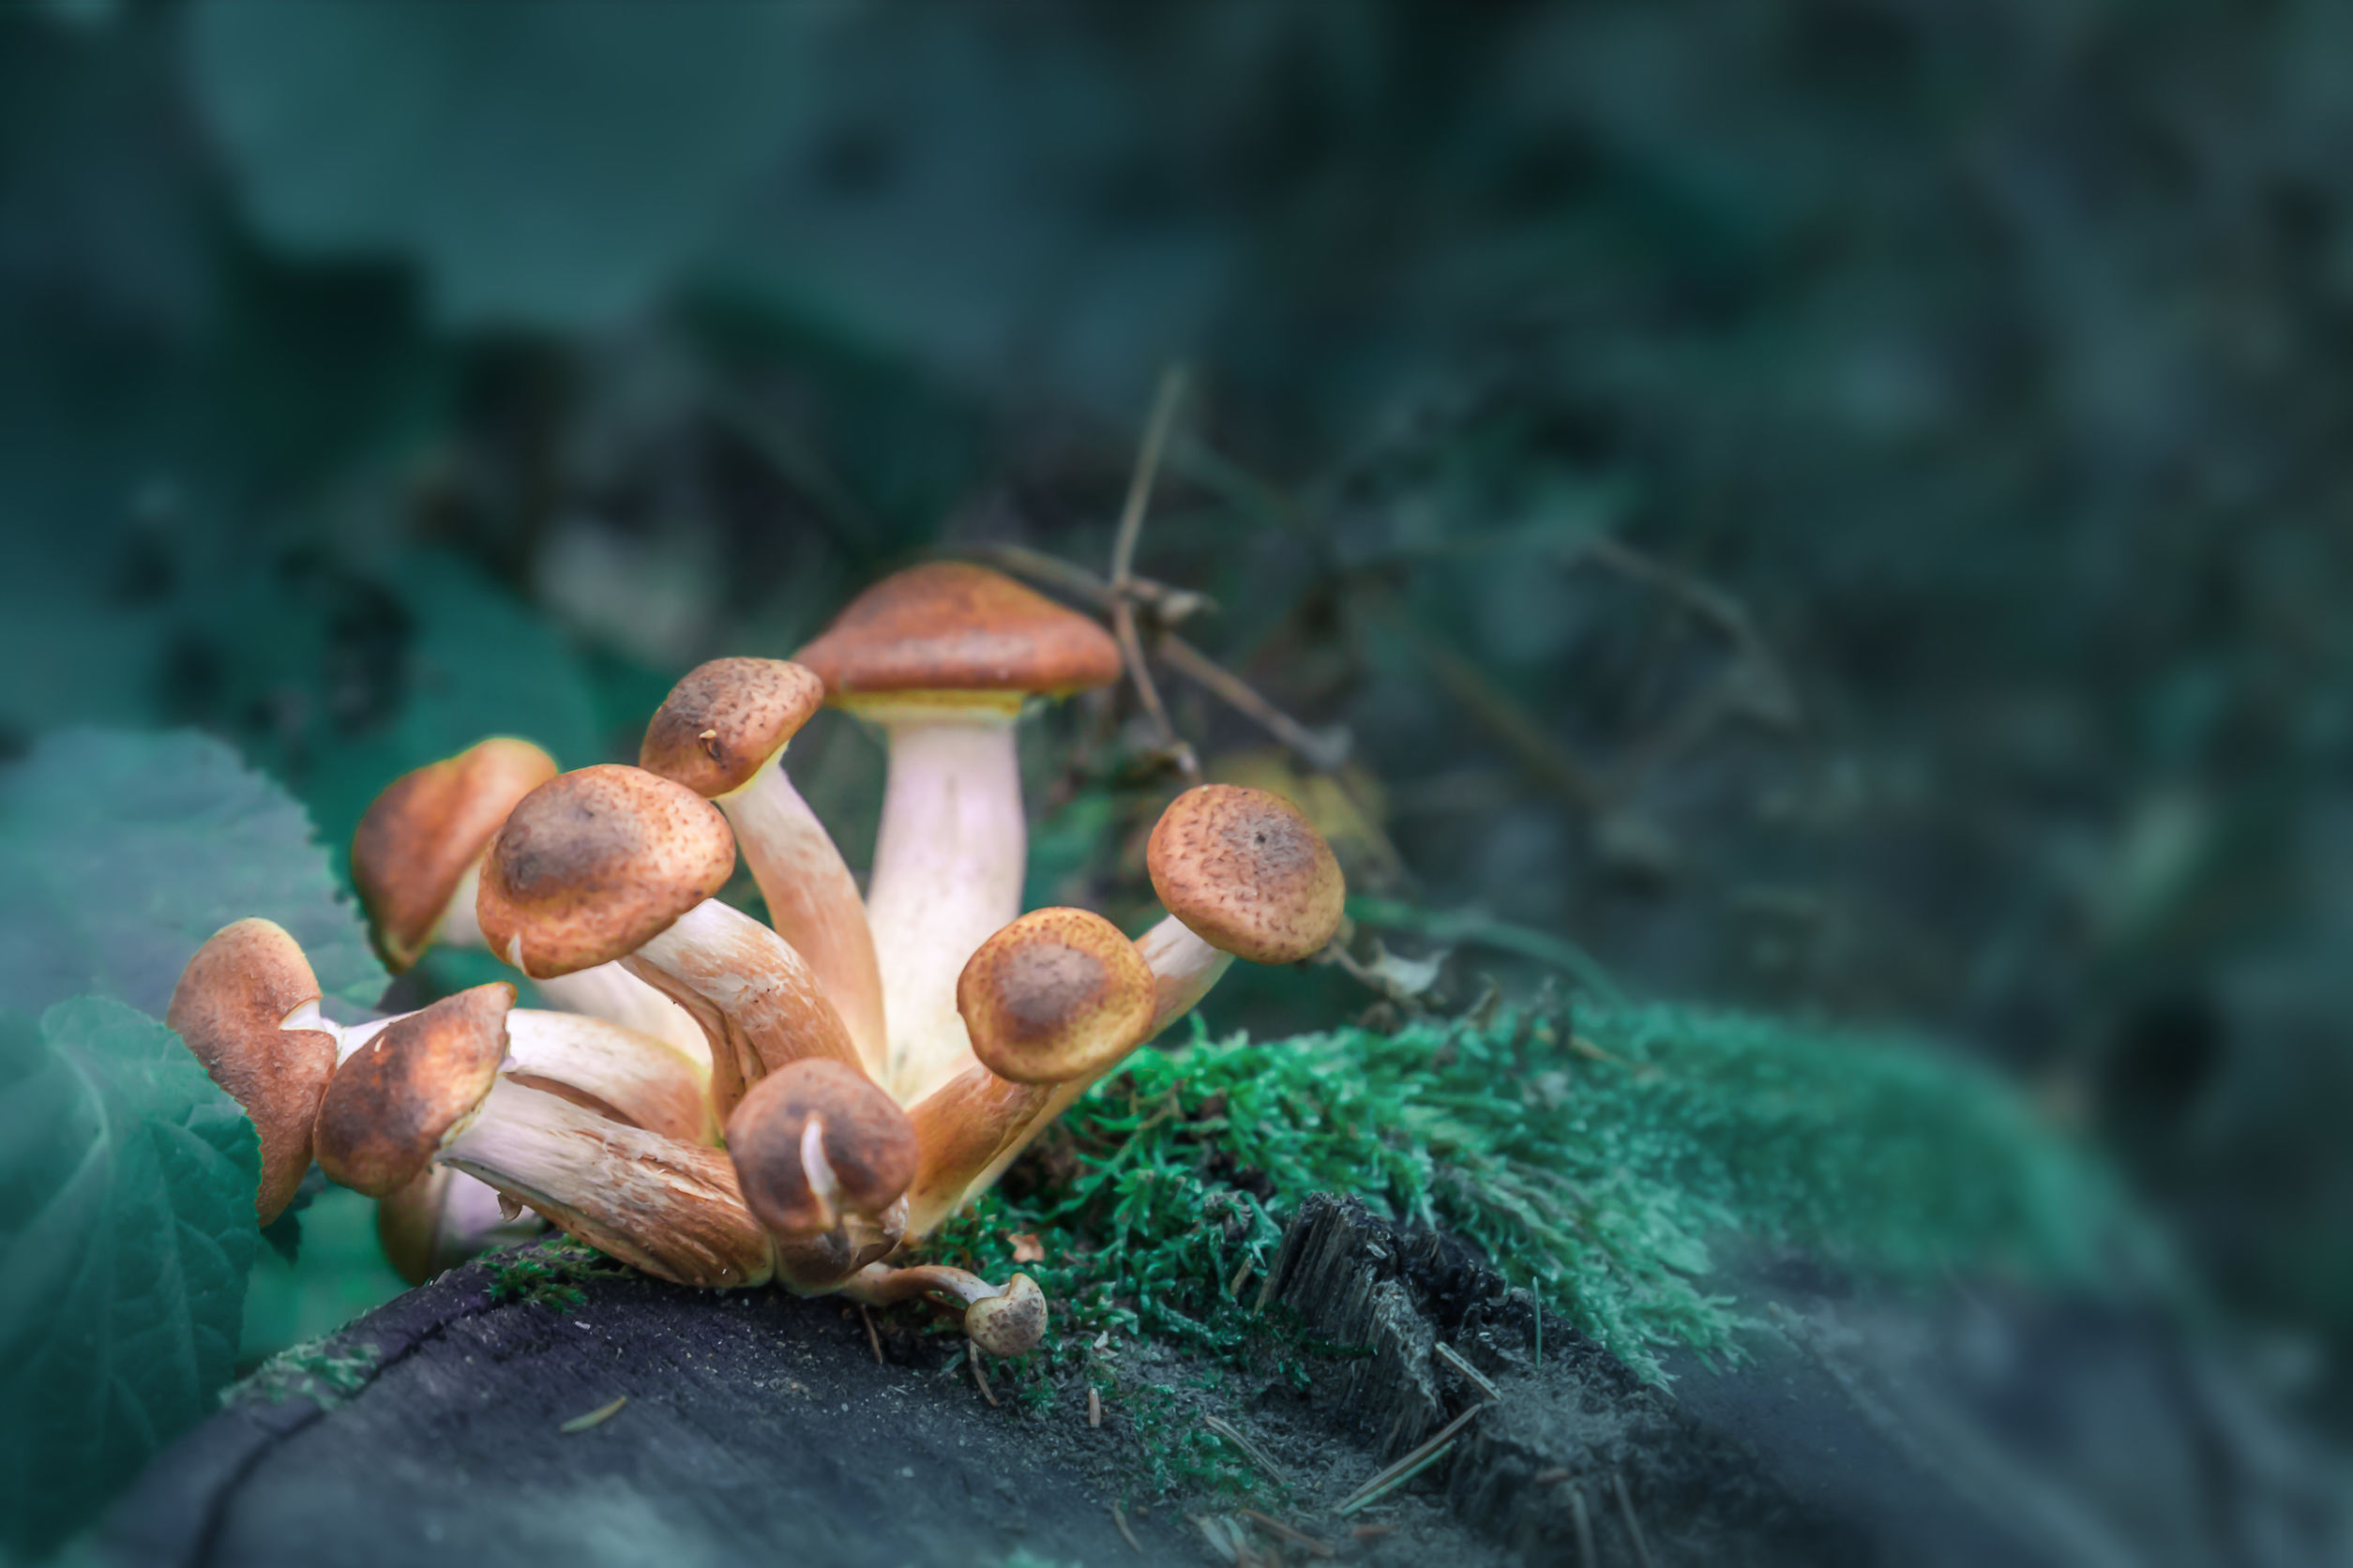 Funghi allucinogeni